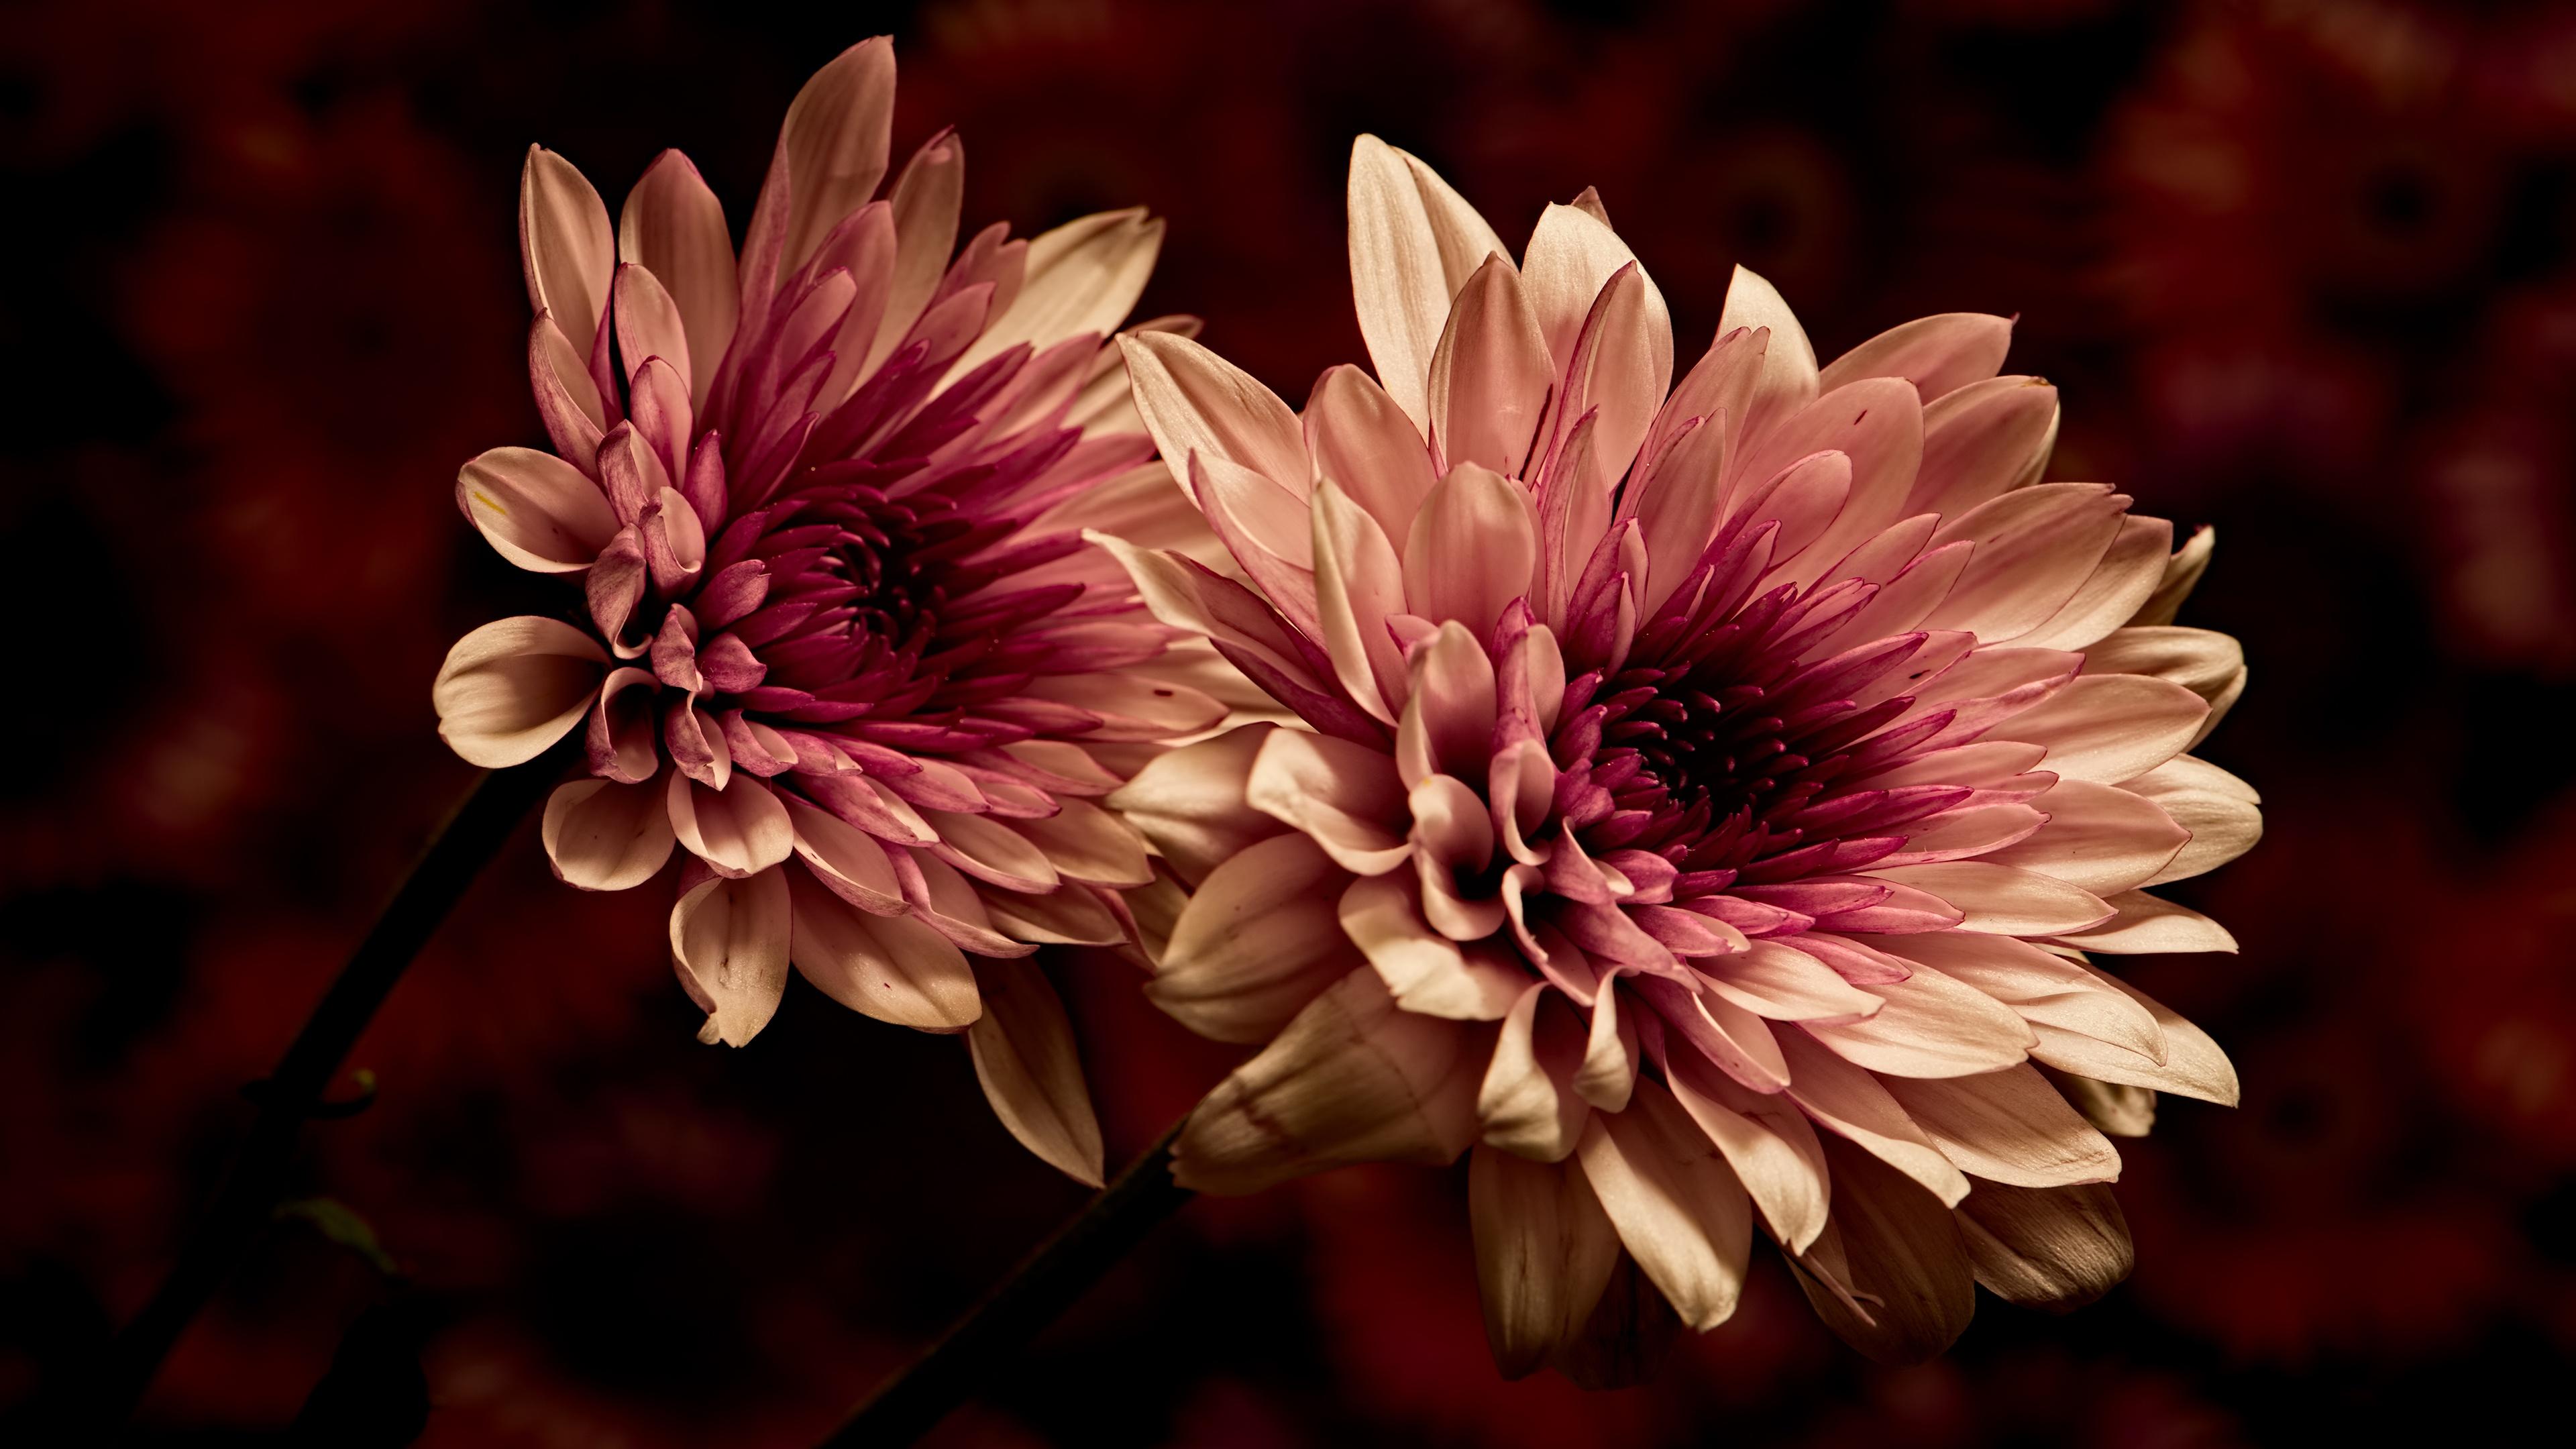 Image Two Dahlias Flowers Closeup 2 flower